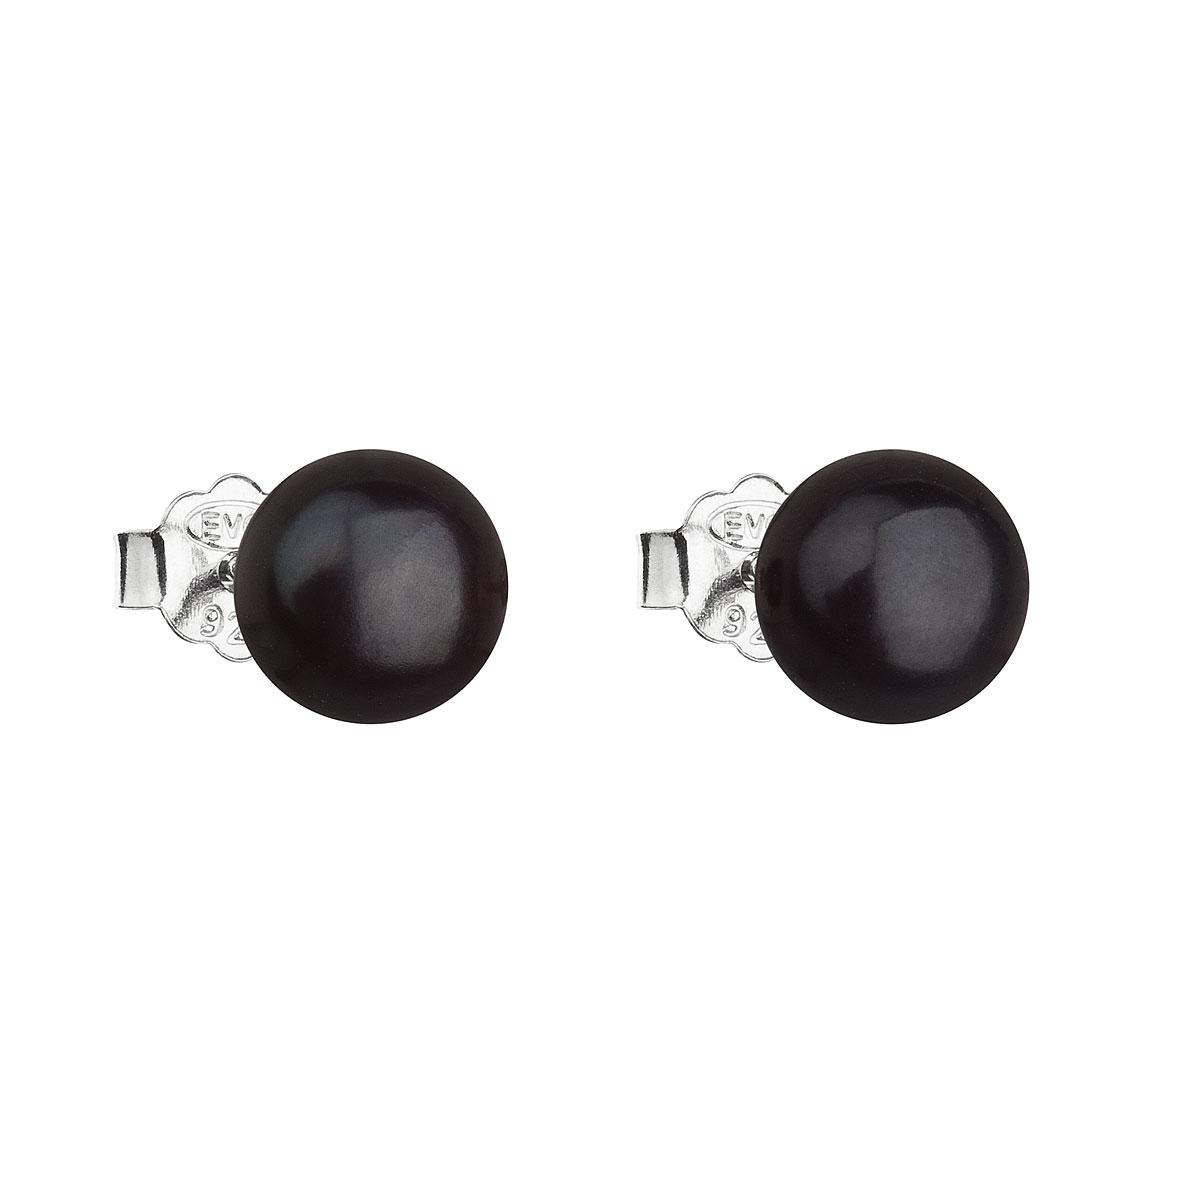 Strieborné náušnice perličky s čiernou riečnou perlou 21042.3